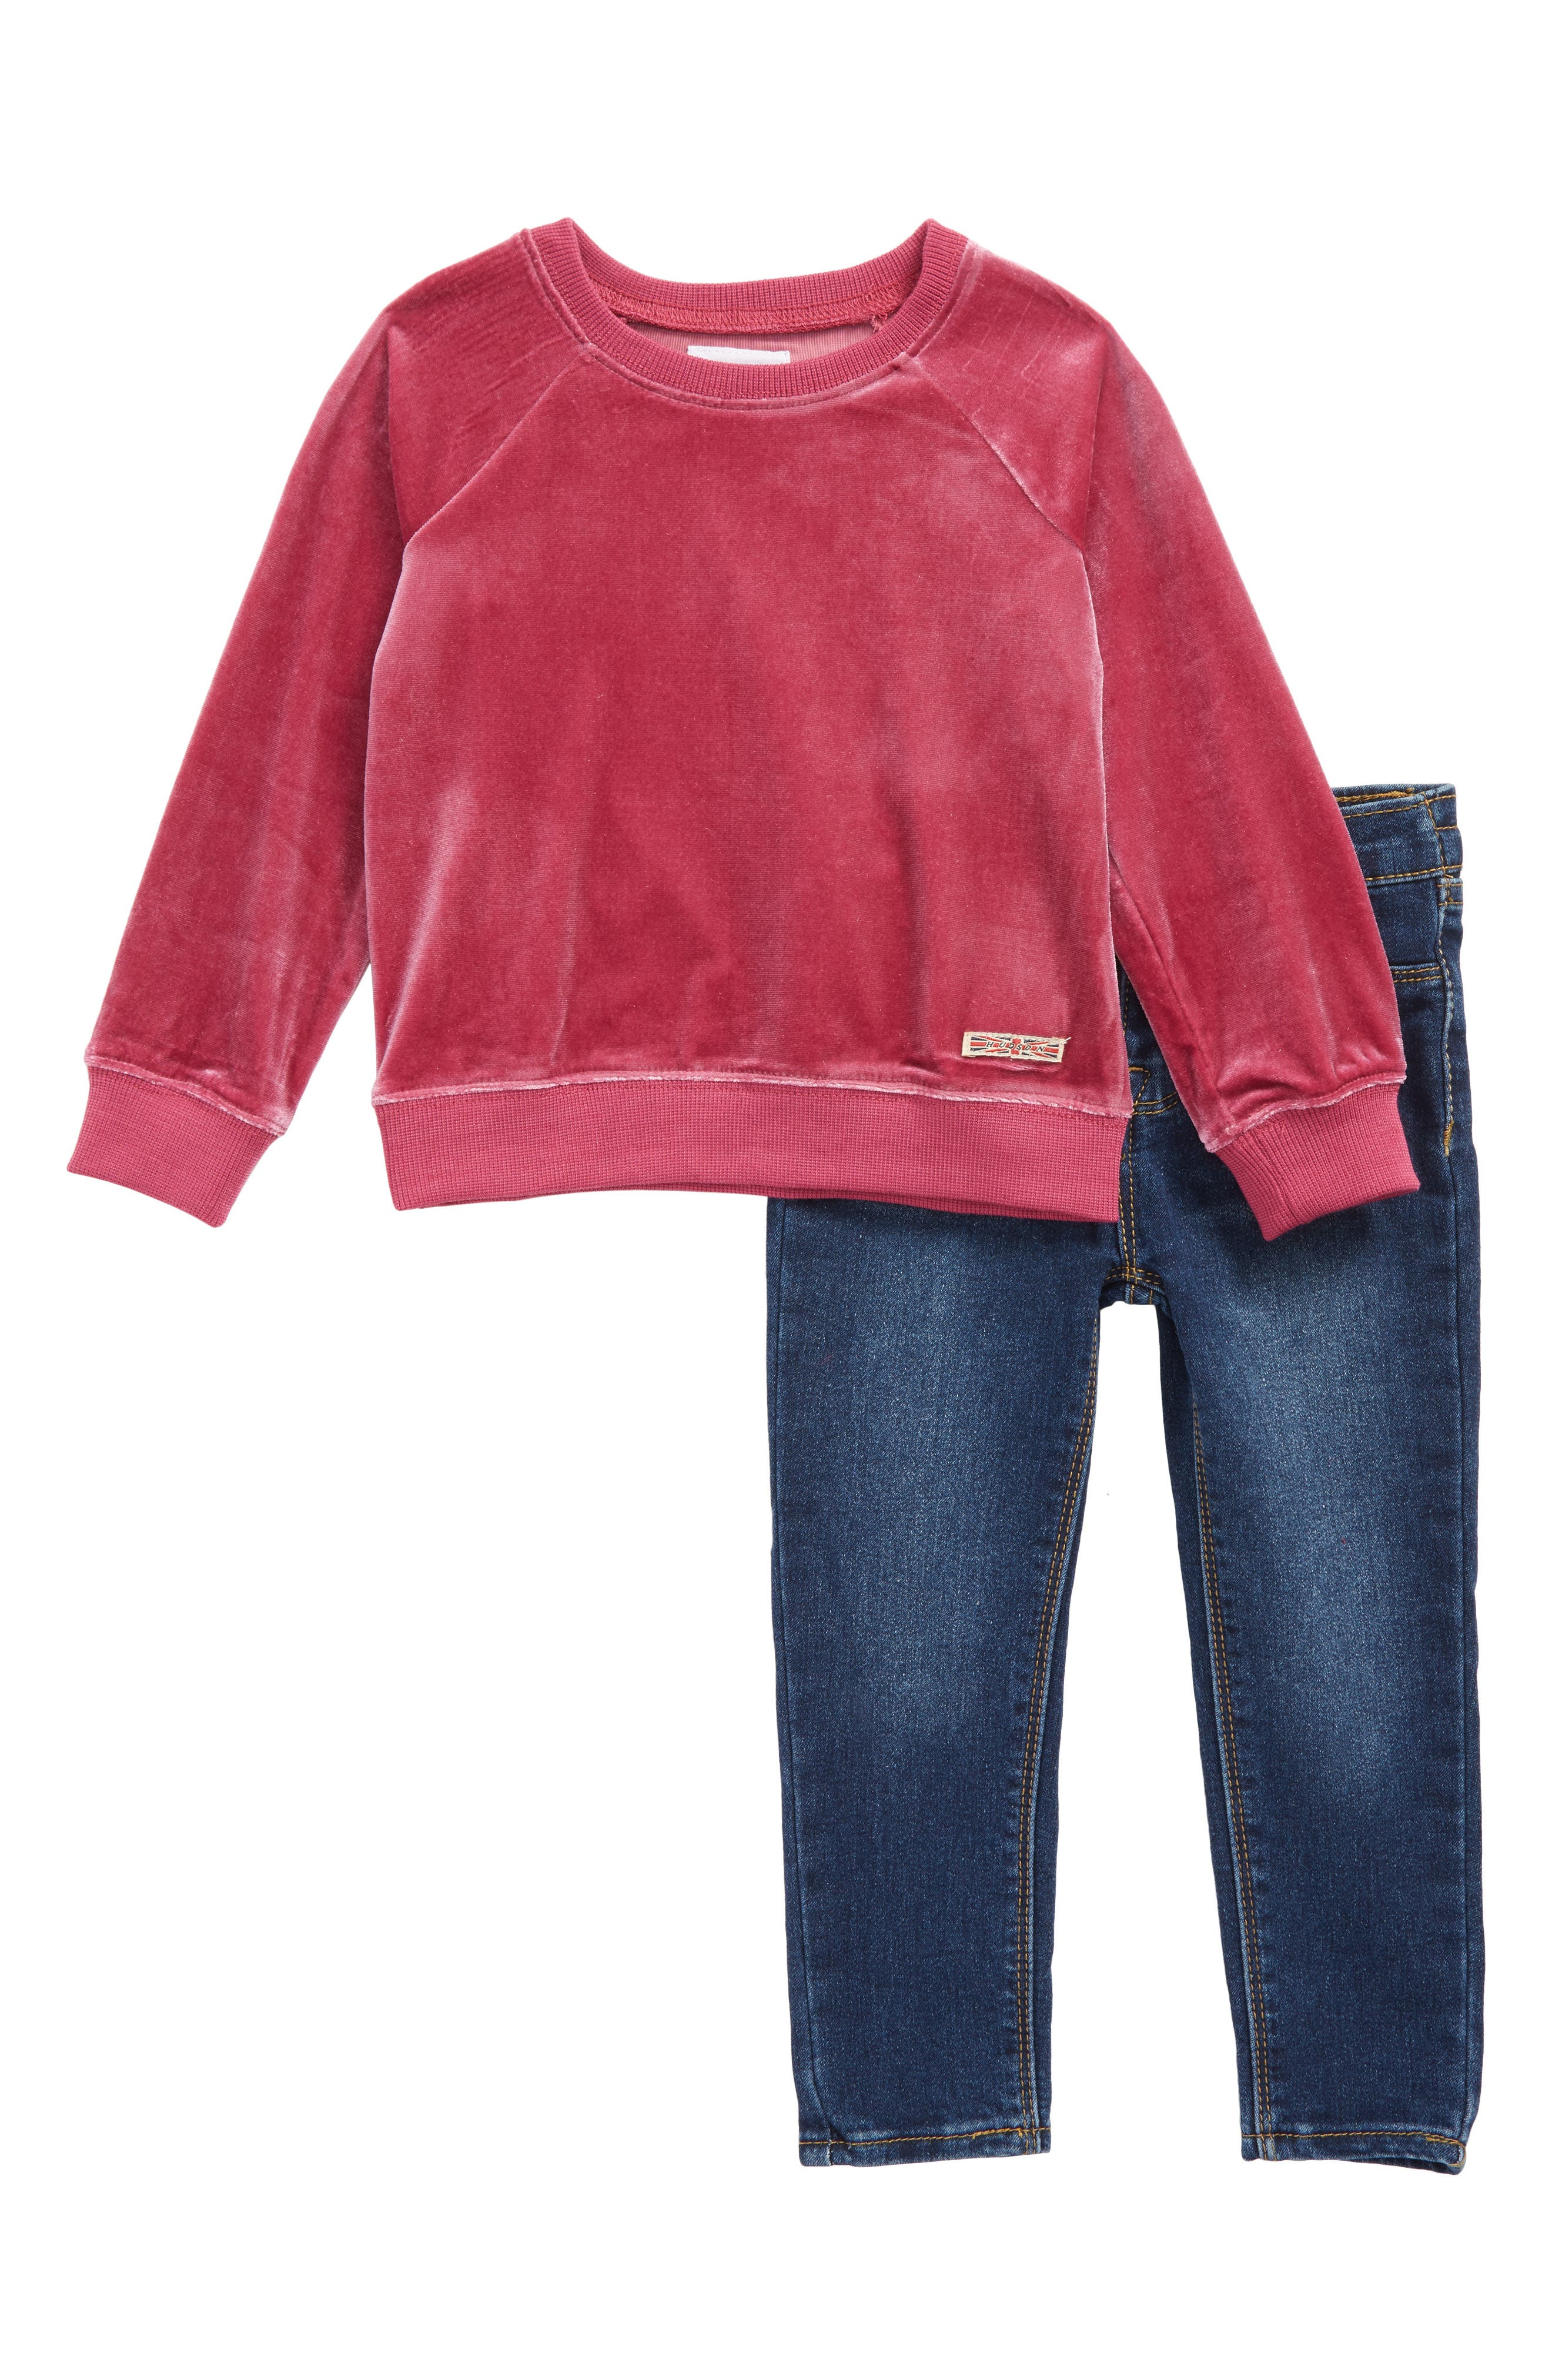 Hudson French Terry Sweatshirt & Jeans Set (Toddler Girls)